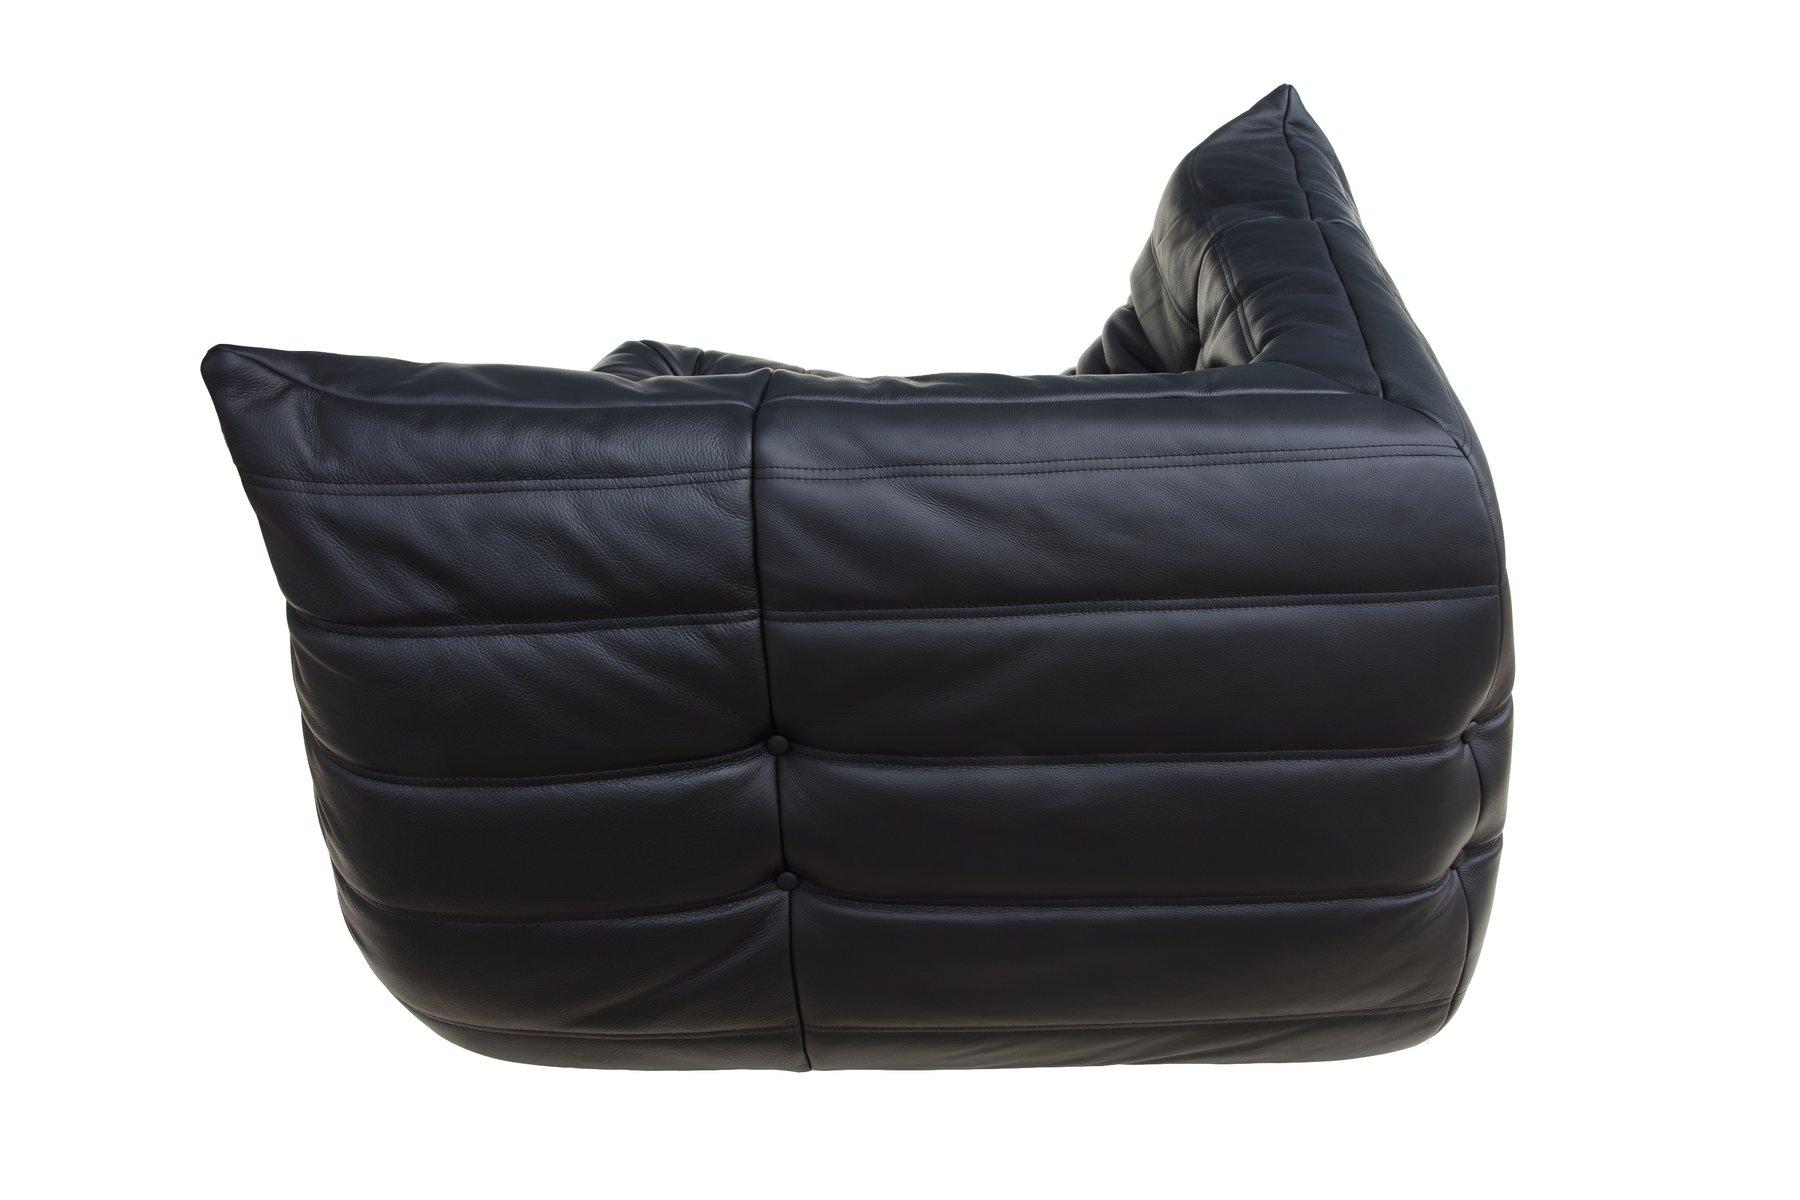 Set de canap togo noir en cuir par michel ducaroy pour ligne roset 1974 en - Togo cuir ligne roset ...